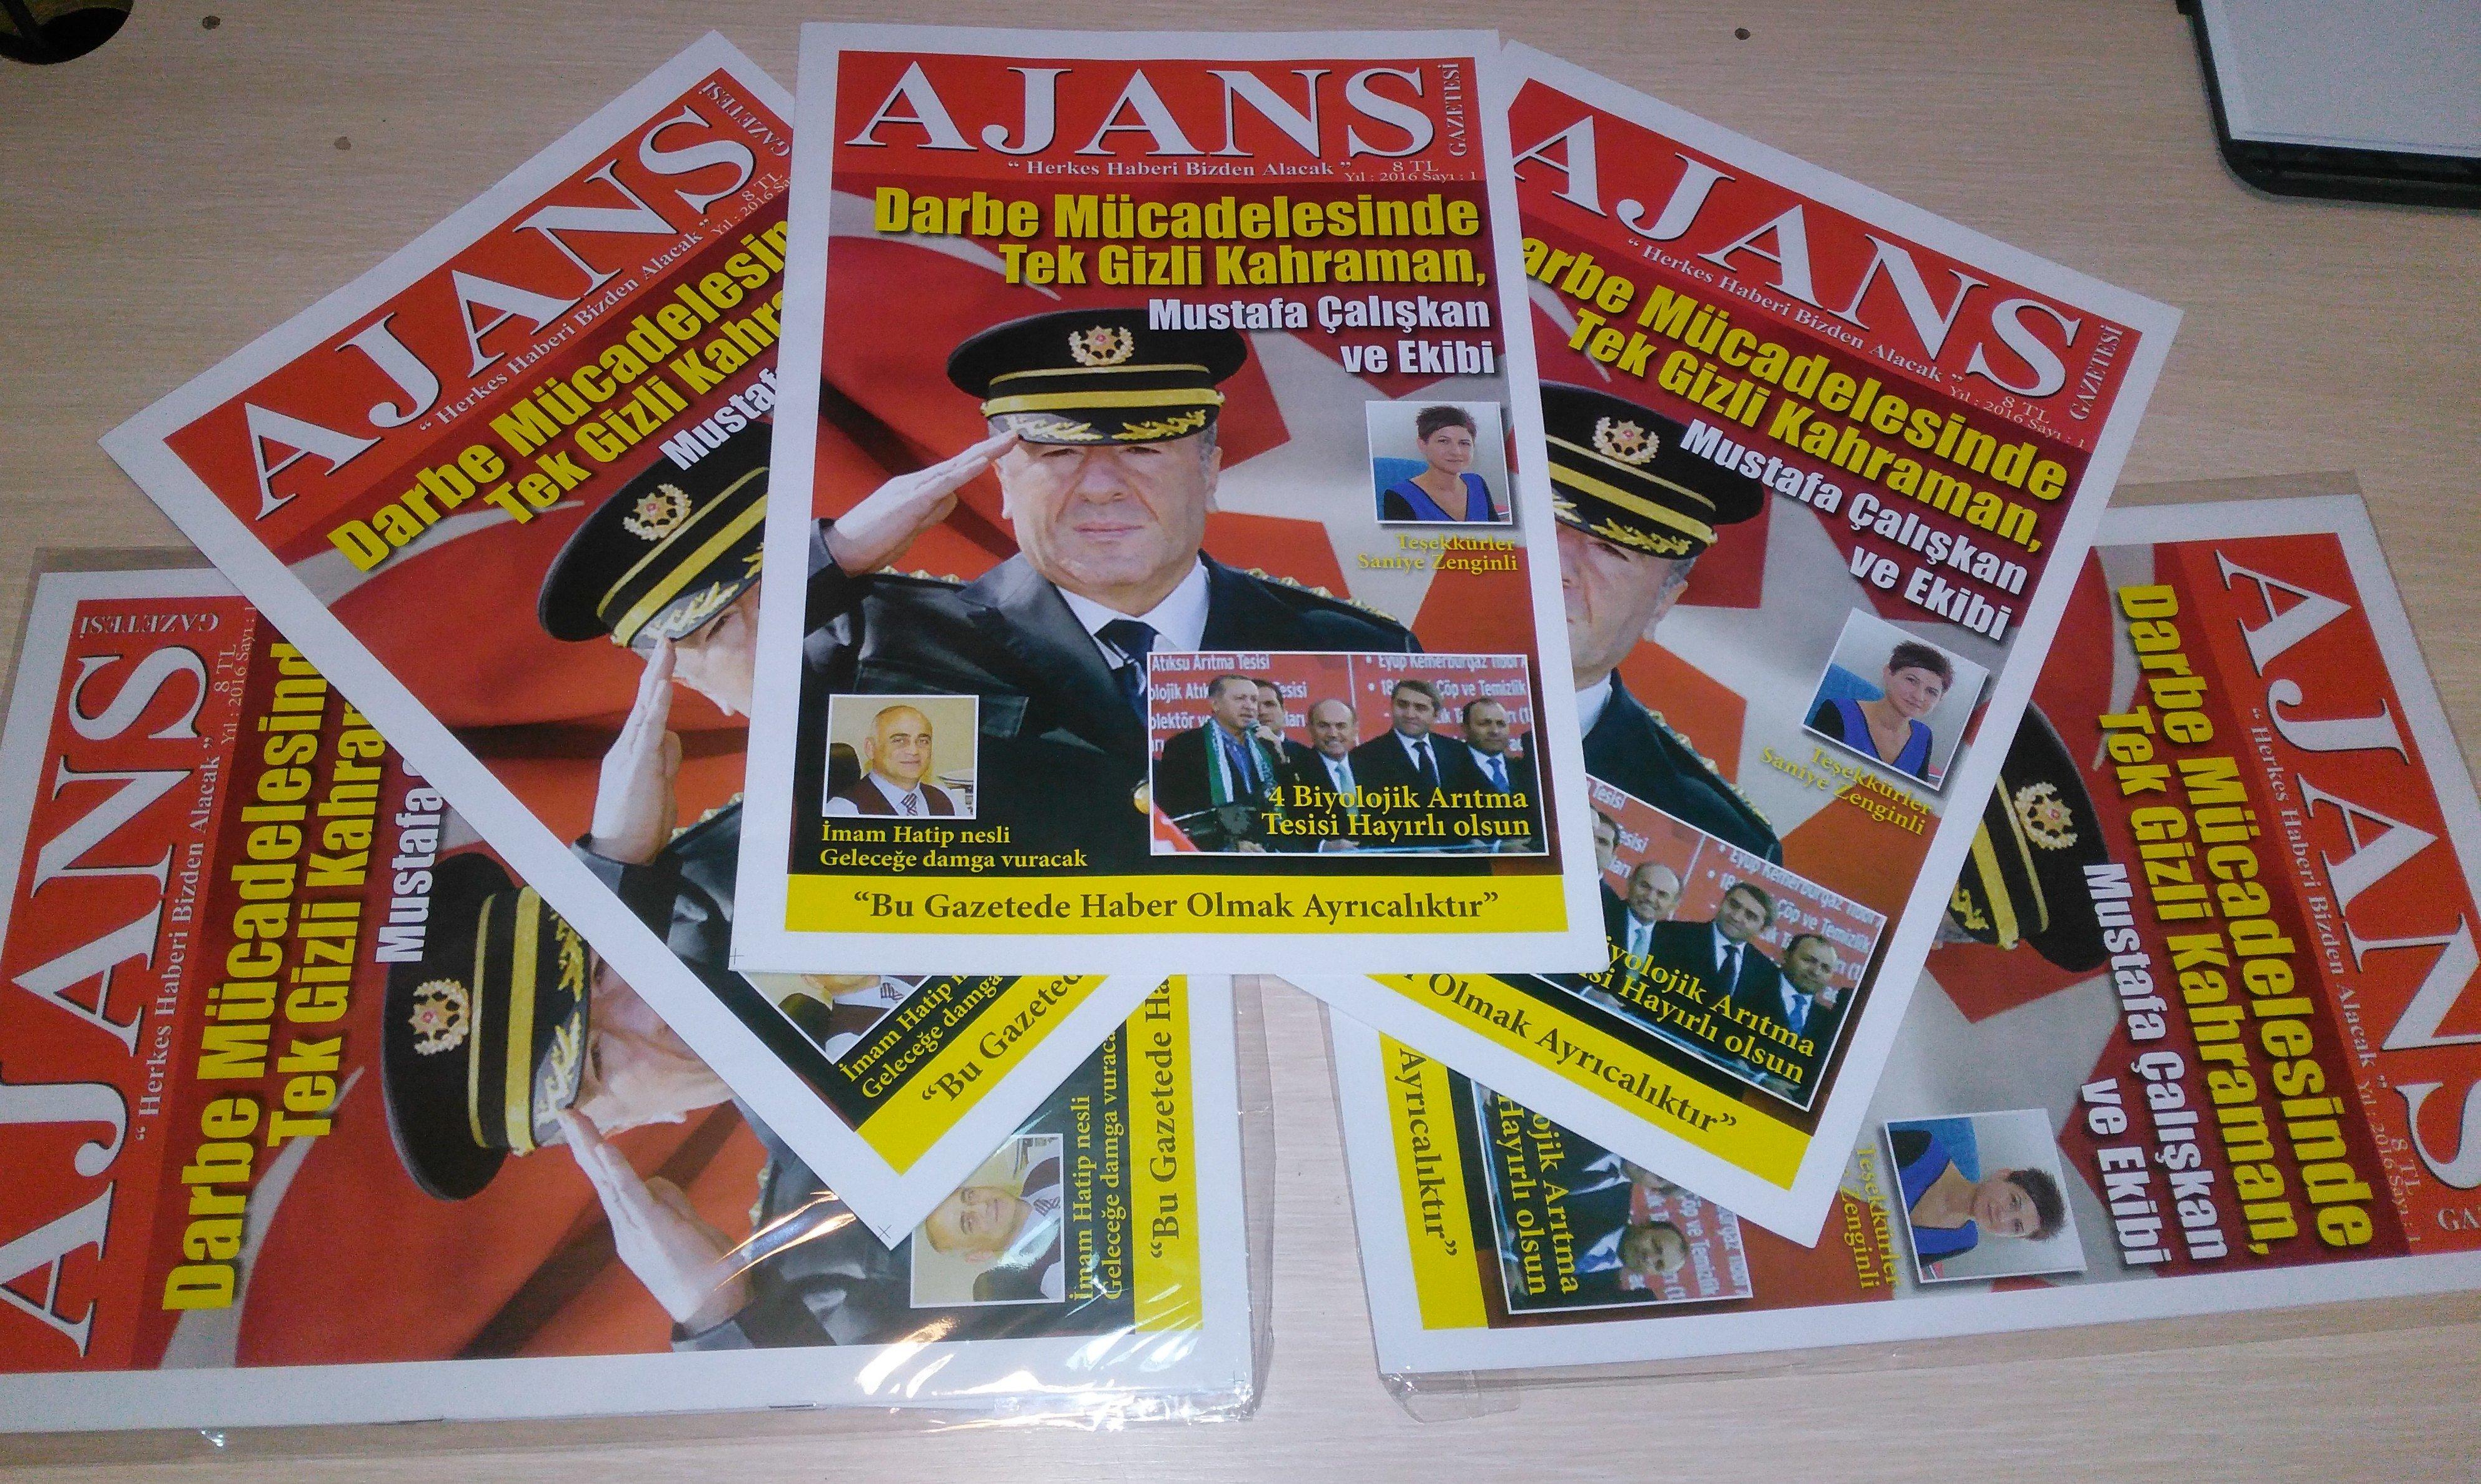 Ajans gazetesi yayın hayatına başladı